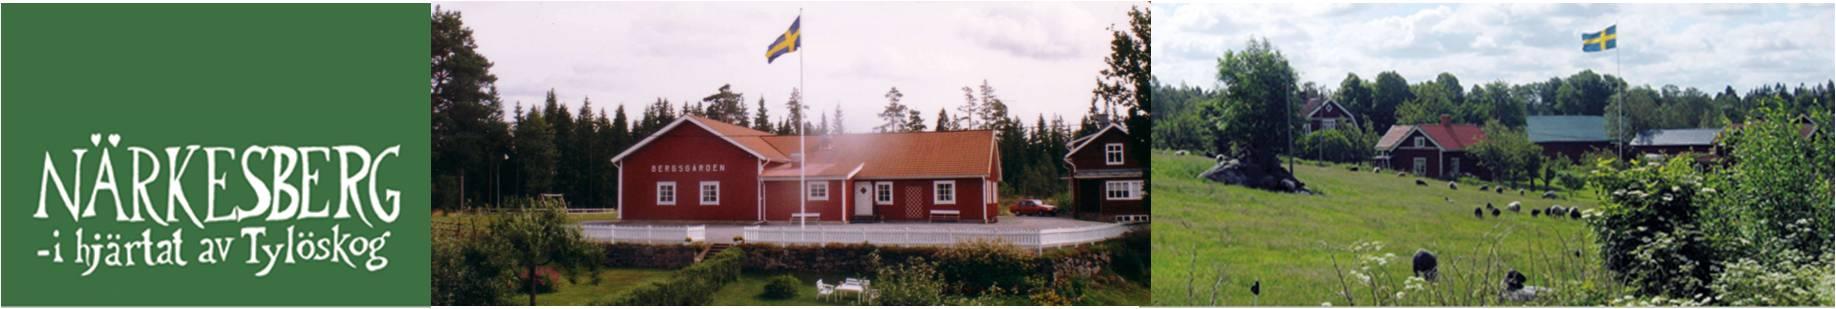 Närkesberg